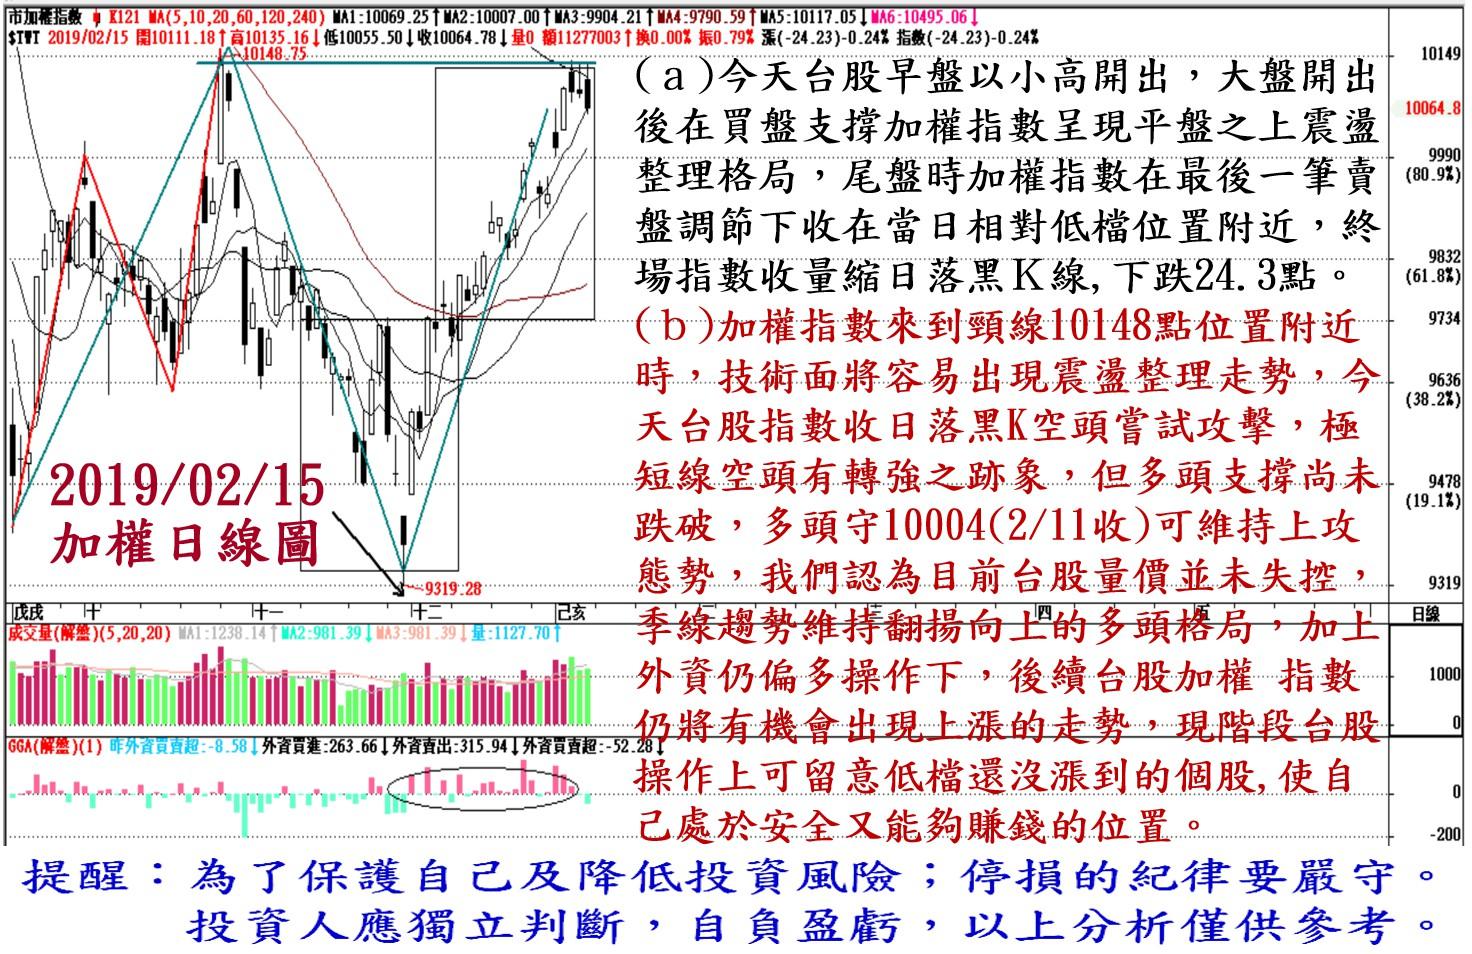 2019年2月15日台股大盤解析